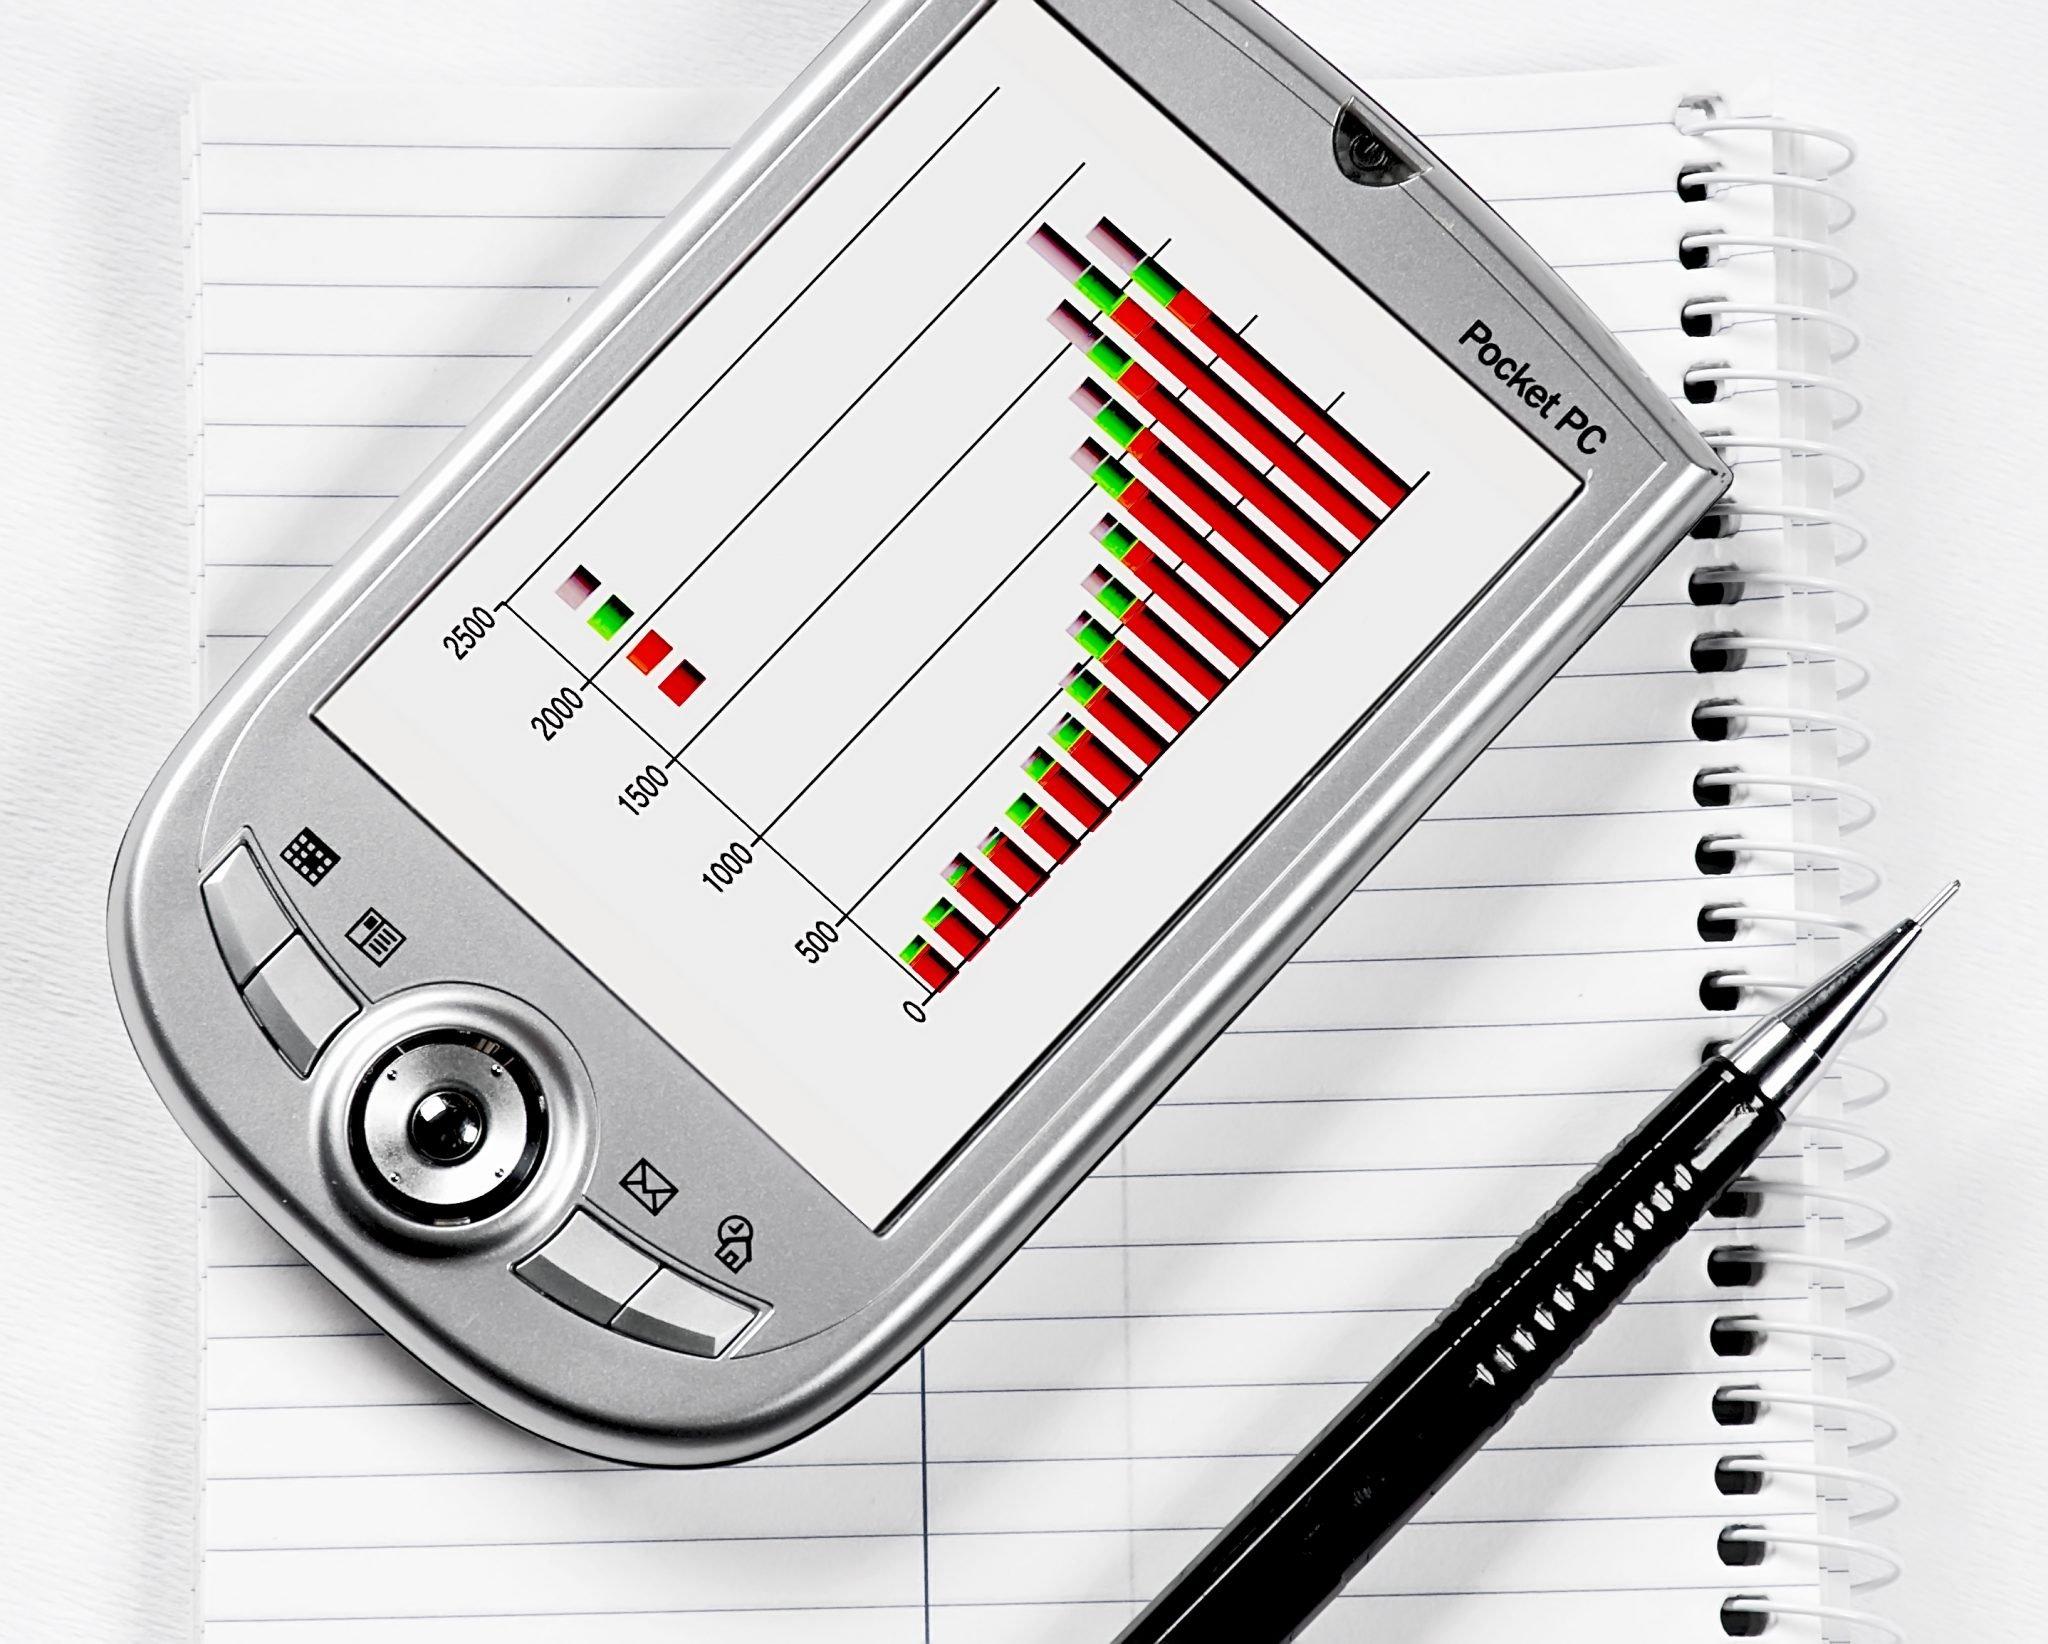 ARR – Una nuova App per supportare il mediconello screening dell'iperaldosteronismo primario attraverso il calcolo dell'ARR (Aldosterone-Renin Ratio)